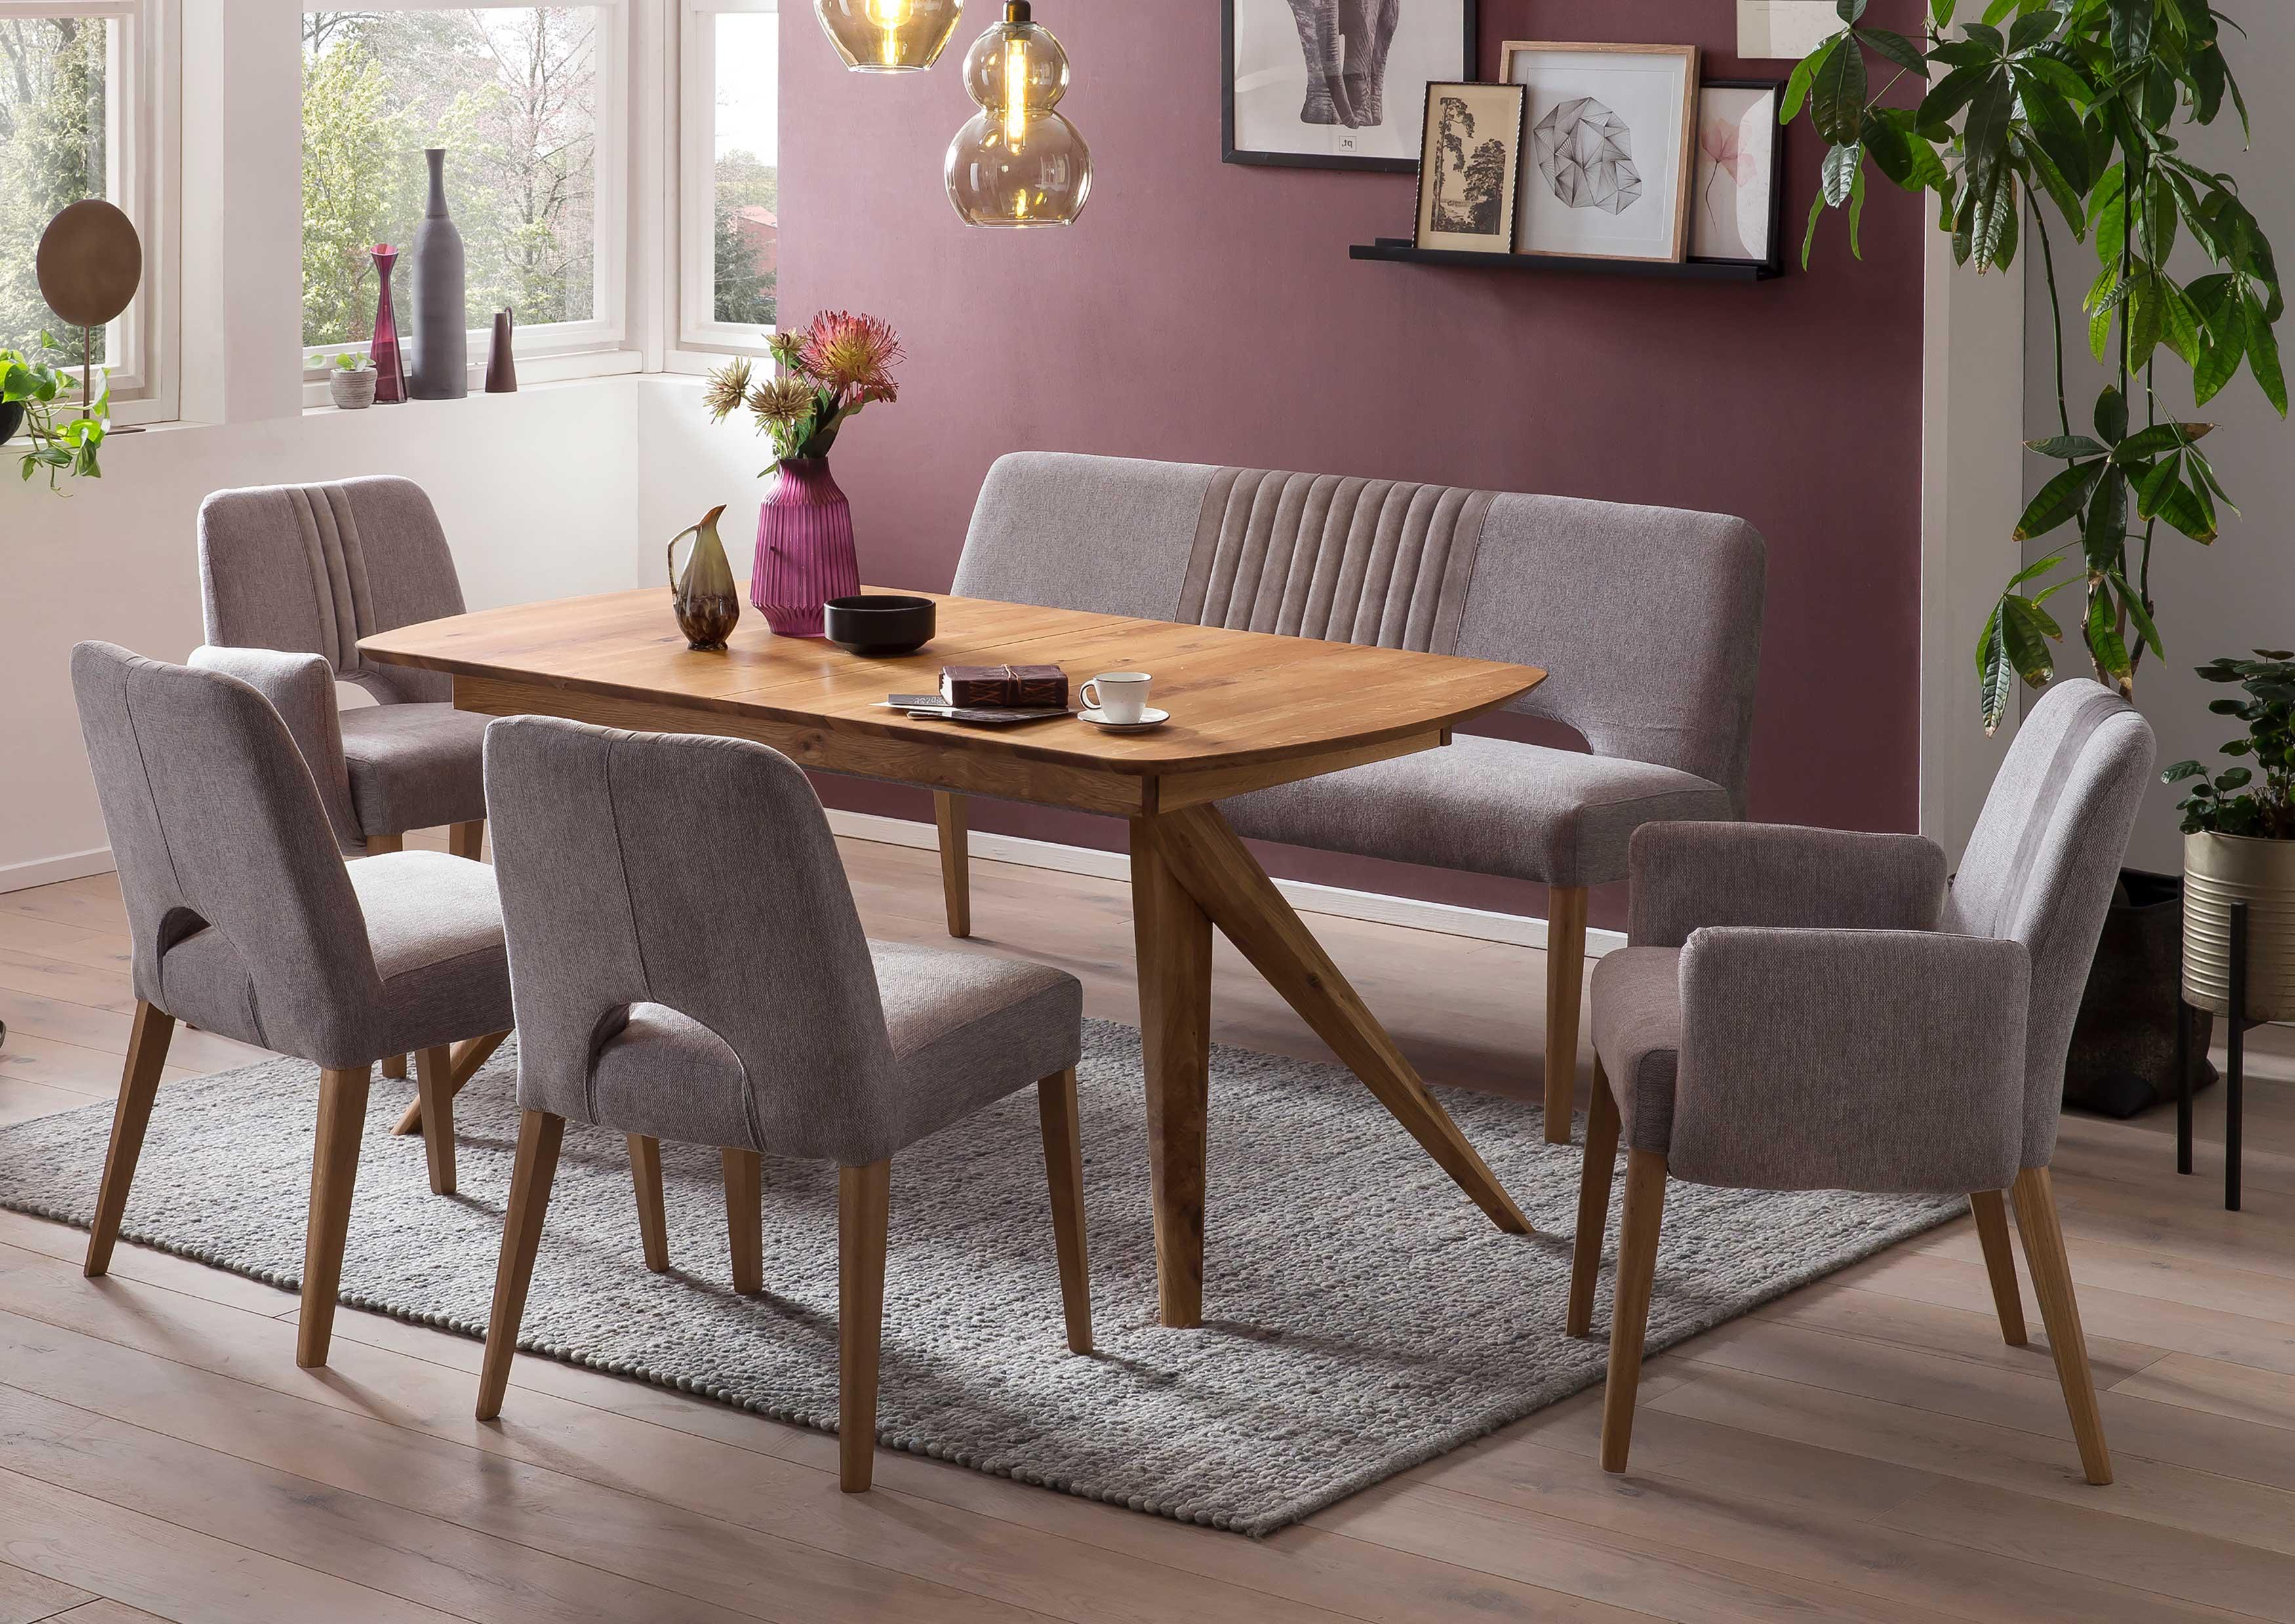 Standard Furniture Essgruppe mit Tisch Anor und Stühlen Nantes massiv eiche